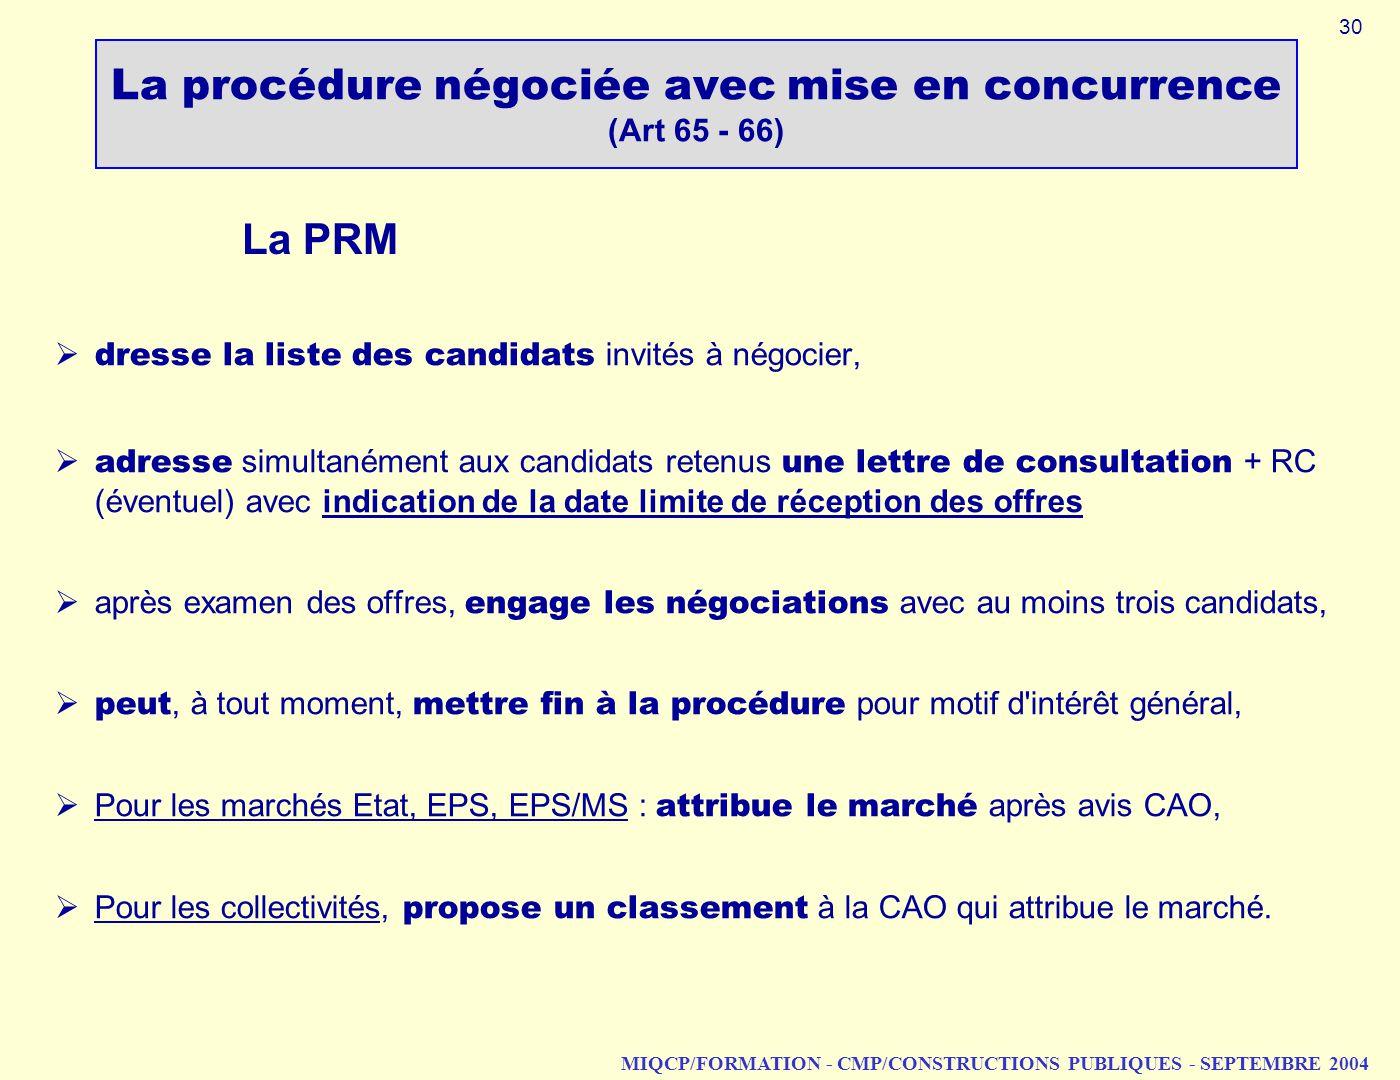 MIQCP/FORMATION - CMP/CONSTRUCTIONS PUBLIQUES - SEPTEMBRE 2004 dresse la liste des candidats invités à négocier, adresse simultanément aux candidats r